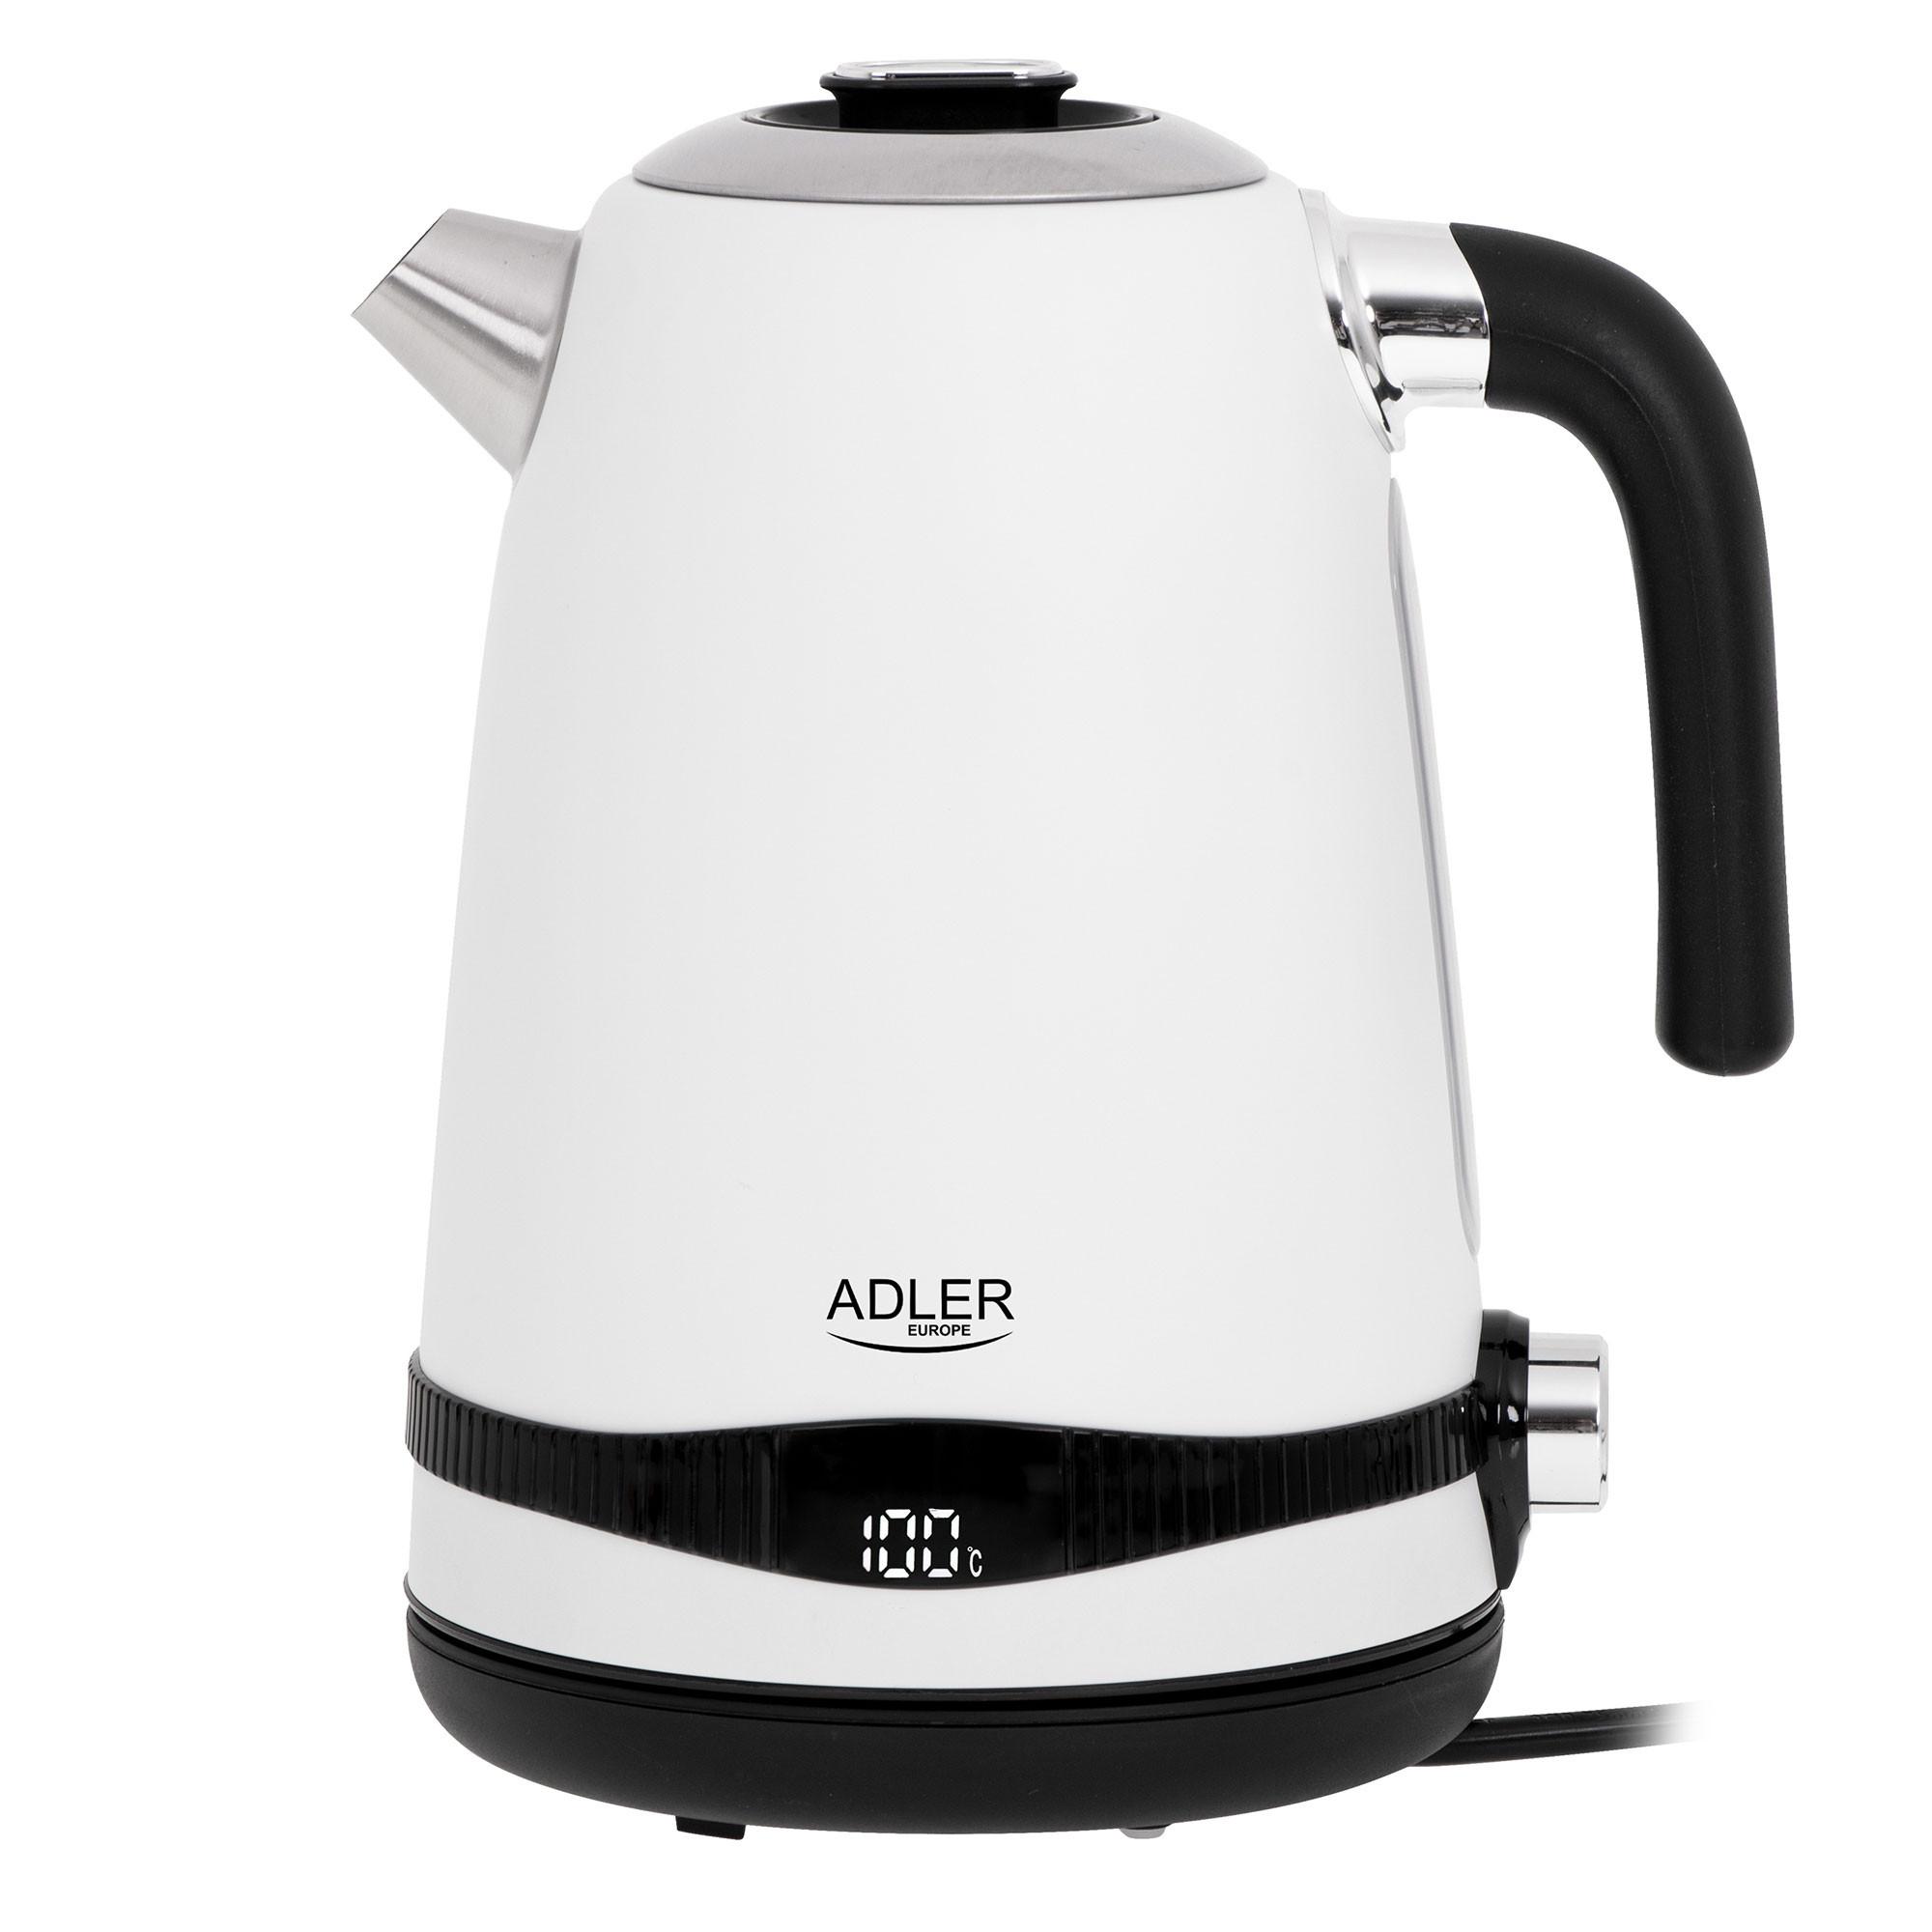 Adler AD1295W Hervidor Agua Eléctrico, Vintage, 1,7 L, sin BPA, Pantalla LCD, Control de Temperatura, Acero Inoxidable, Inalámbrico, Resistencia Oculta, Apagado Automático, 2200W, Blanco